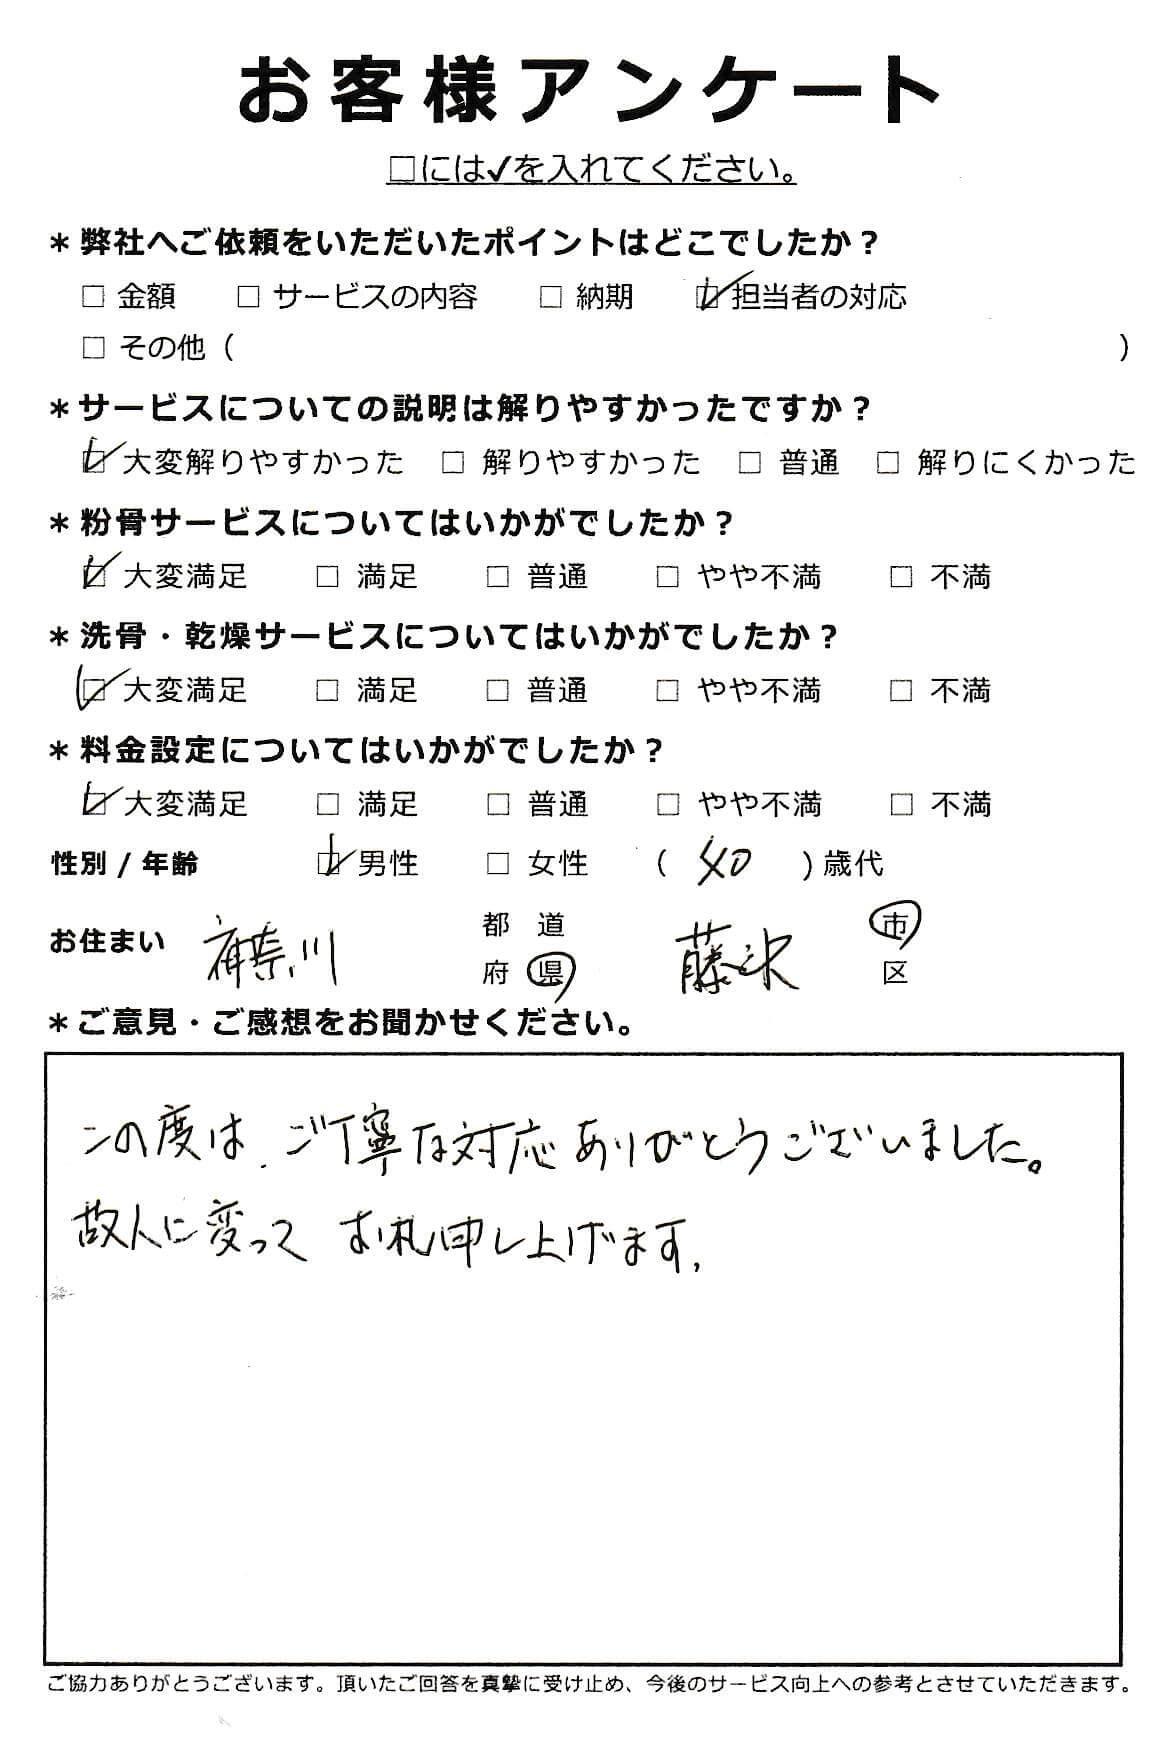 神奈川県藤沢市での粉骨・洗骨サービス